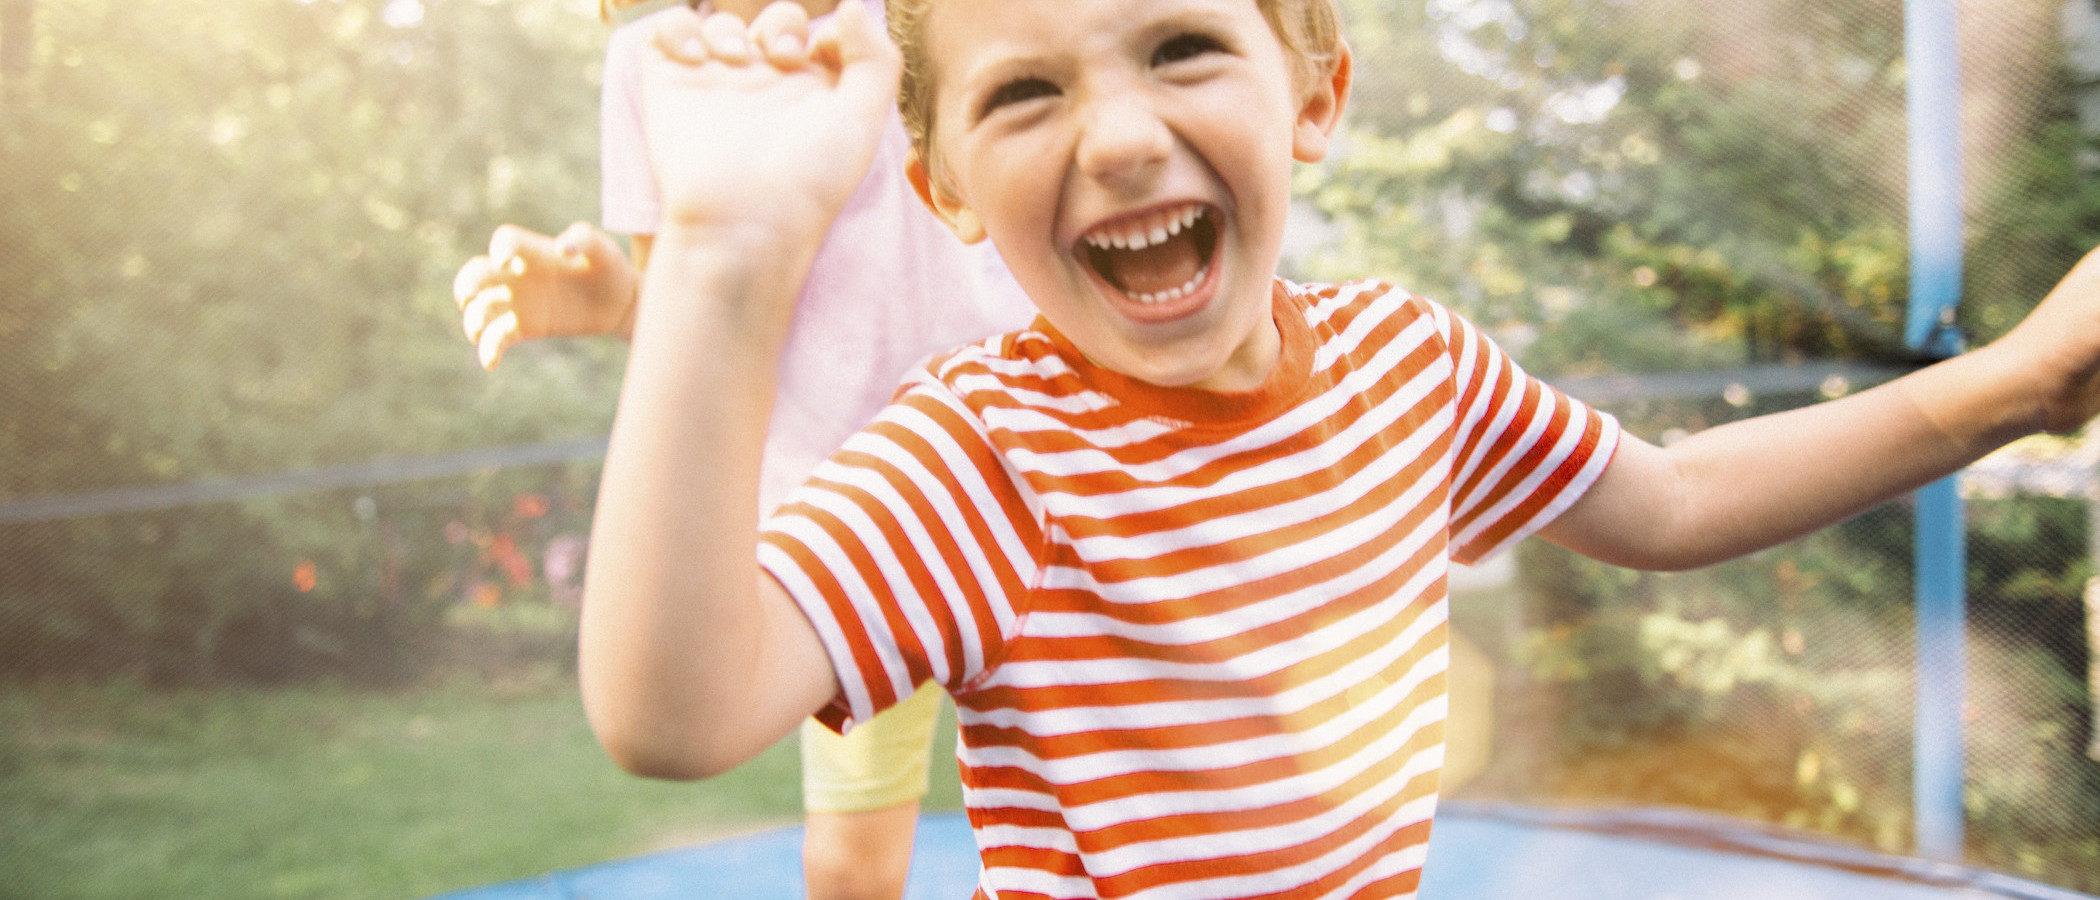 ¿Niño hiperactivo o simplemente inquieto?